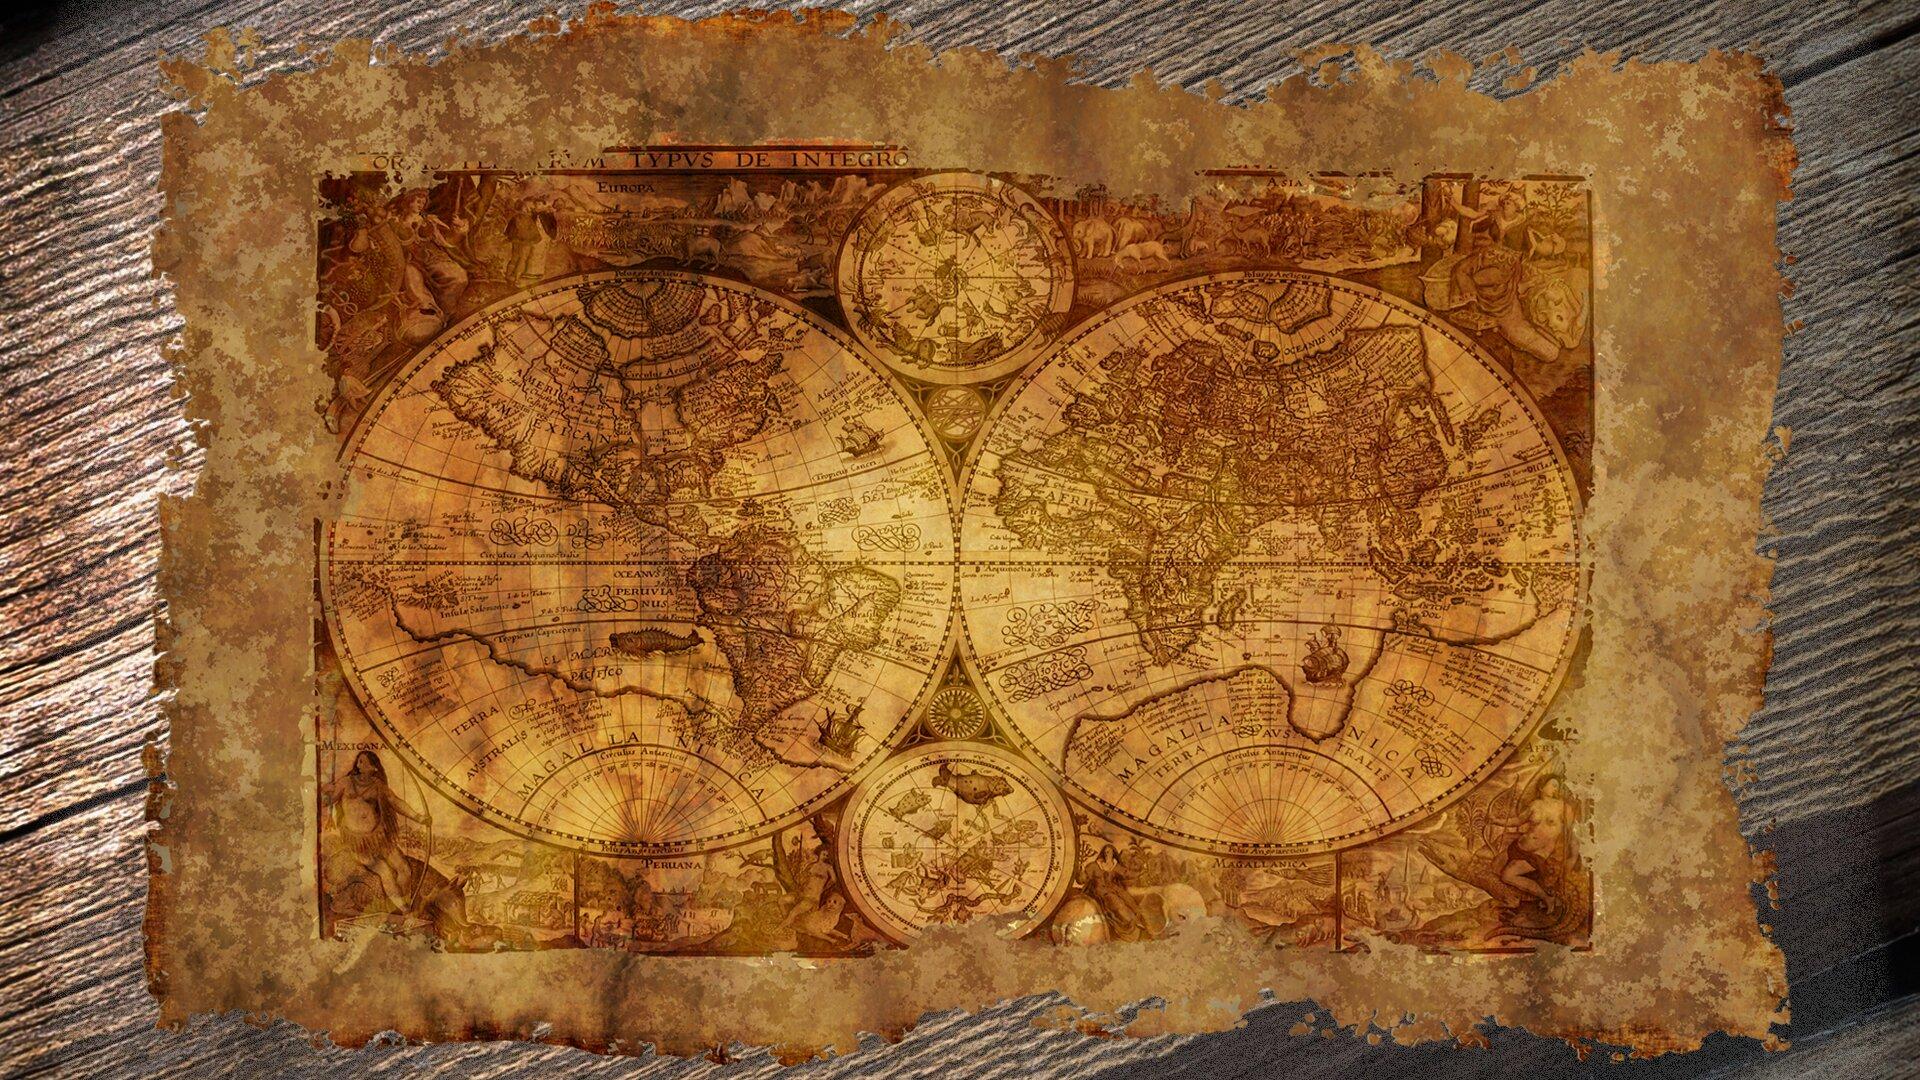 """Ilustracja przedstawia fragment postrzępionego papieru lub pergaminu leżący na powierzchni zdesek. Na tym arkuszu przedstawiona jest szesnastowieczna mapa świata. Dwa okręgi stykające się ze sobą symbolizują dwie półkule ziemskie. Na nich narysowane są kontury lądów zgodne ze stanem wiedzy wszesnastym wieku. Poza okręgami arkusz wypełniają rysunki ludzi istworzeń, które miały zamieszkiwać dalekie kraje. Na górnej postrzępionej krawędzi mapy widać fragment tytułu: """"…TYPUS DE INTEGRO…""""."""